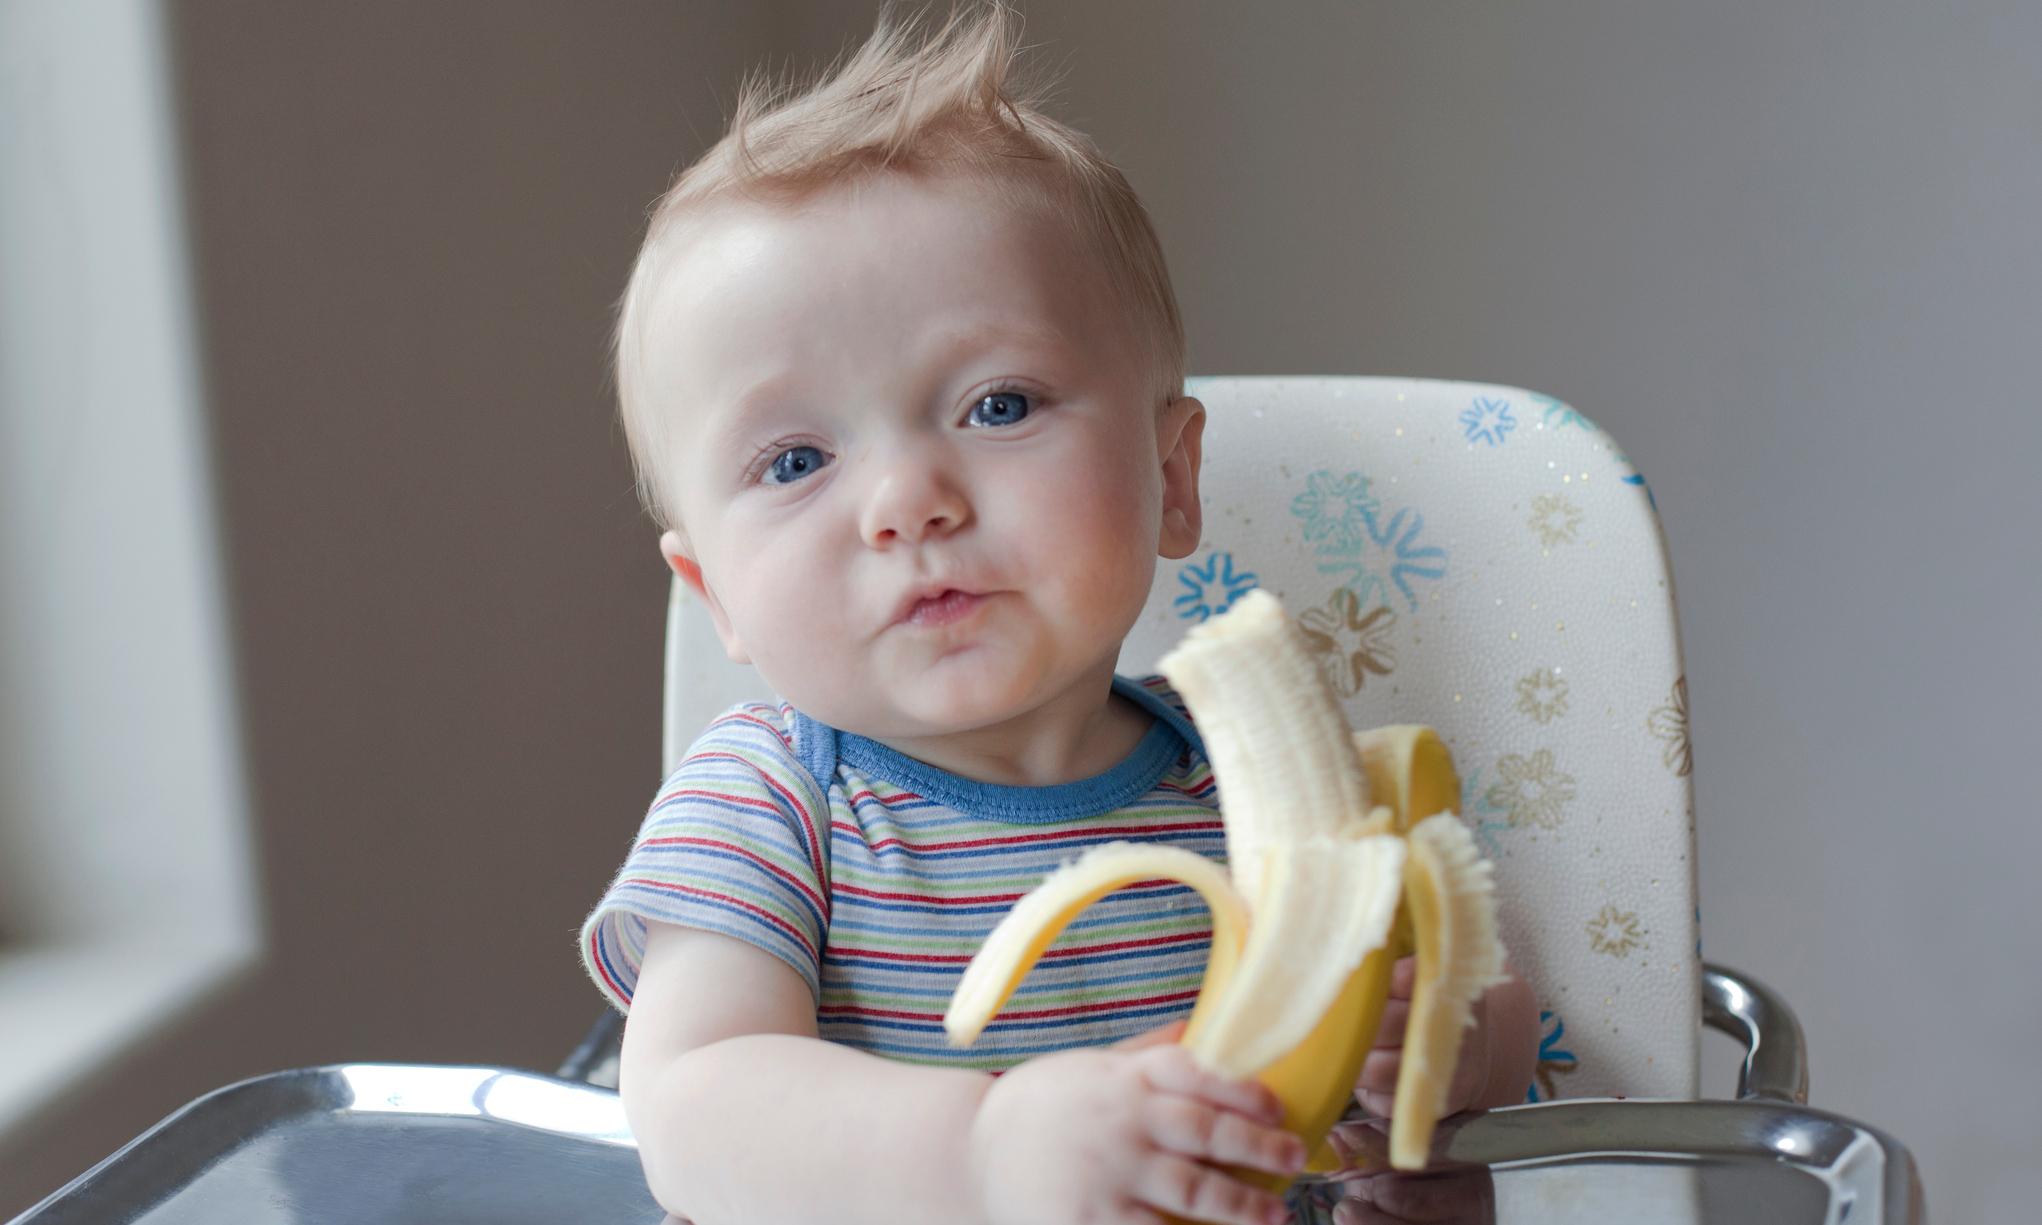 Чем бананы могут быть опасны для детей: мнение врача